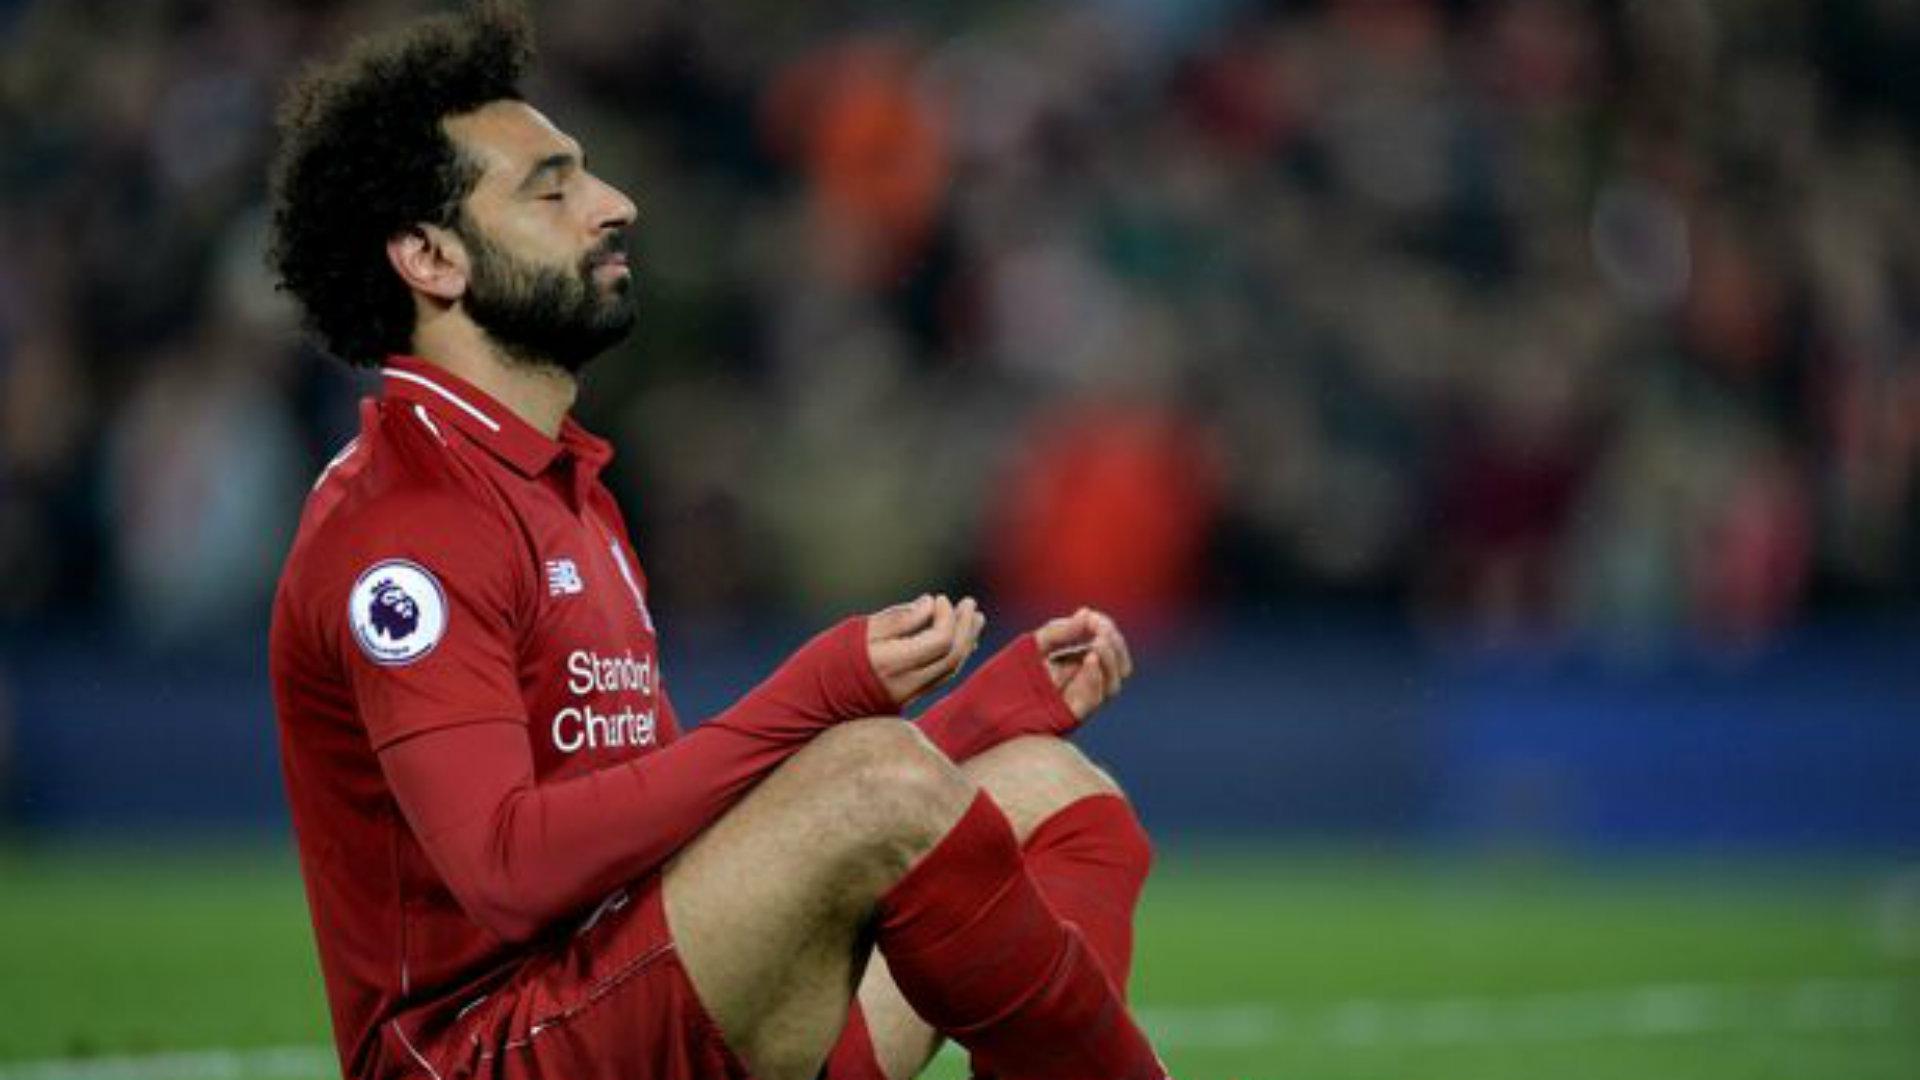 """Heskey : """"Salah aurait dû quitter Liverpool s'ils n'avaient pas remporté la Premier League"""""""